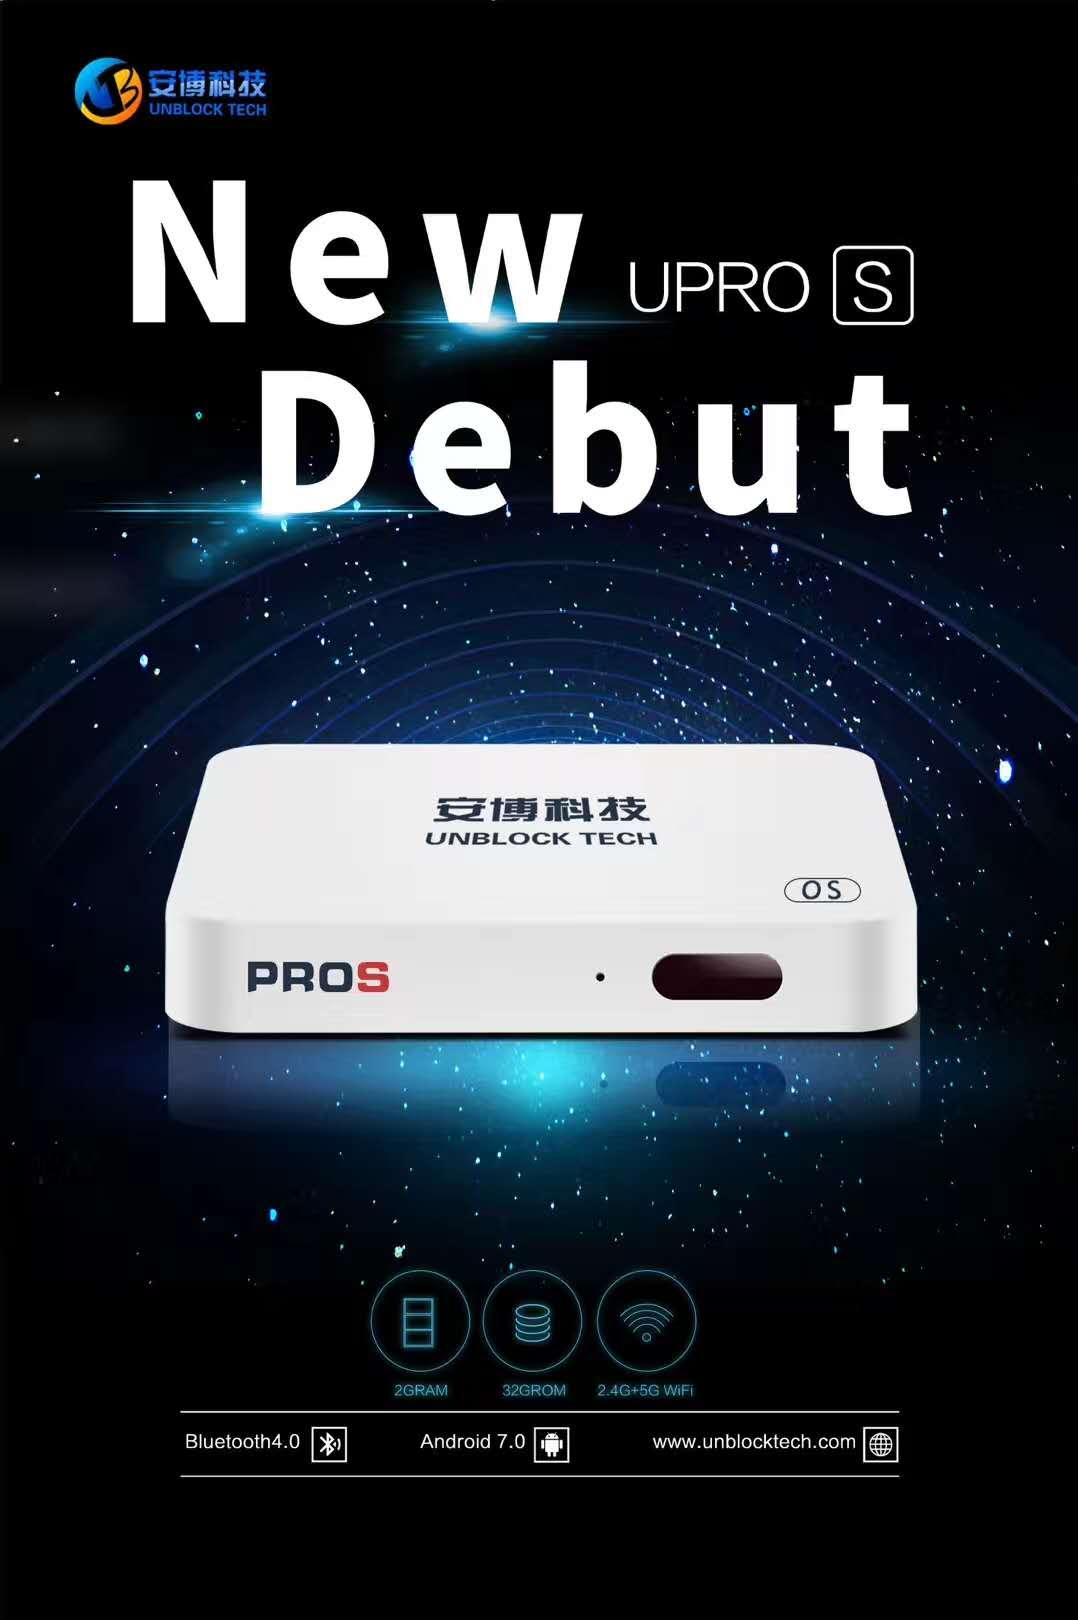 2019 nova versão uprós ubox prós os oversea versão hdmi 2.0 caixa de tv android 7.0 2 gb + 32 gb